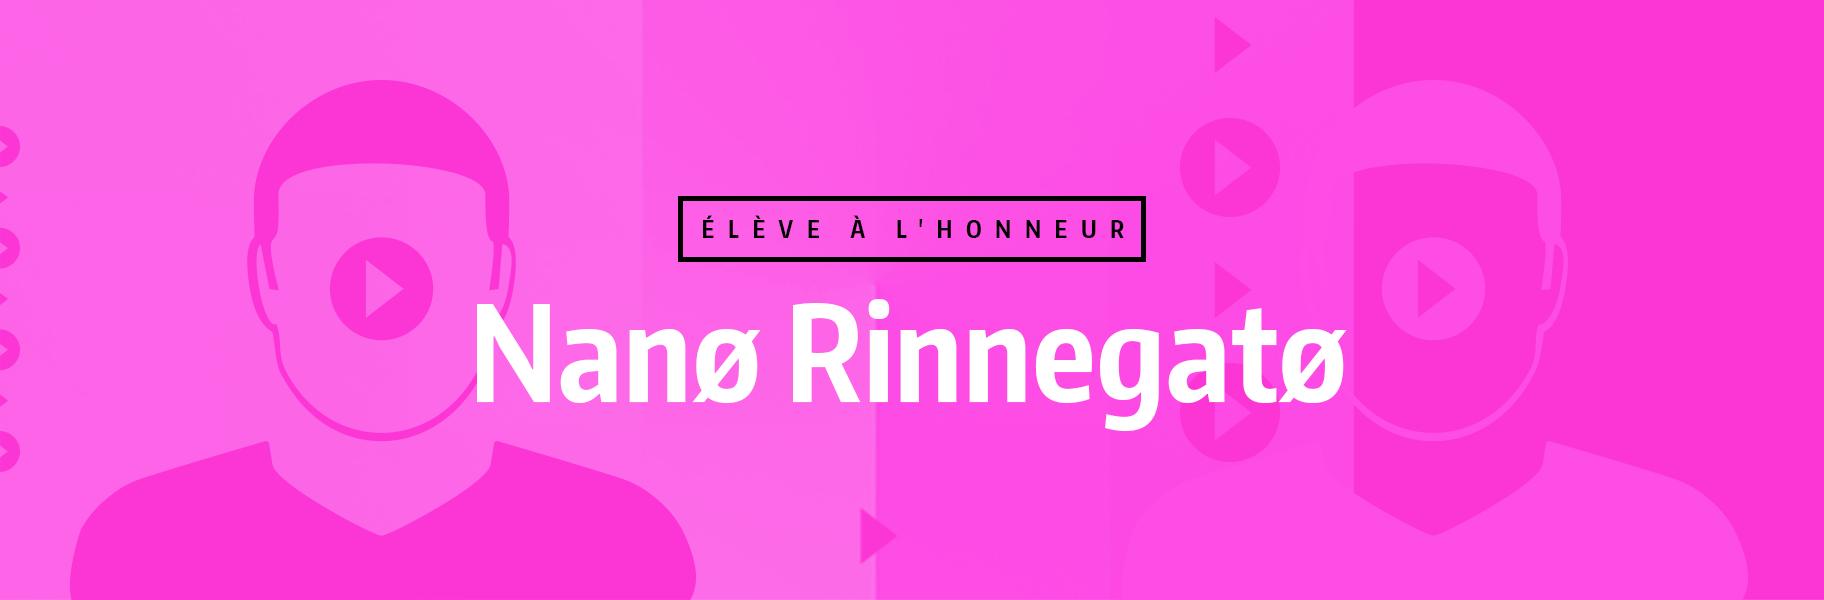 Élève à l'honneur - Nanø Rinnegatø